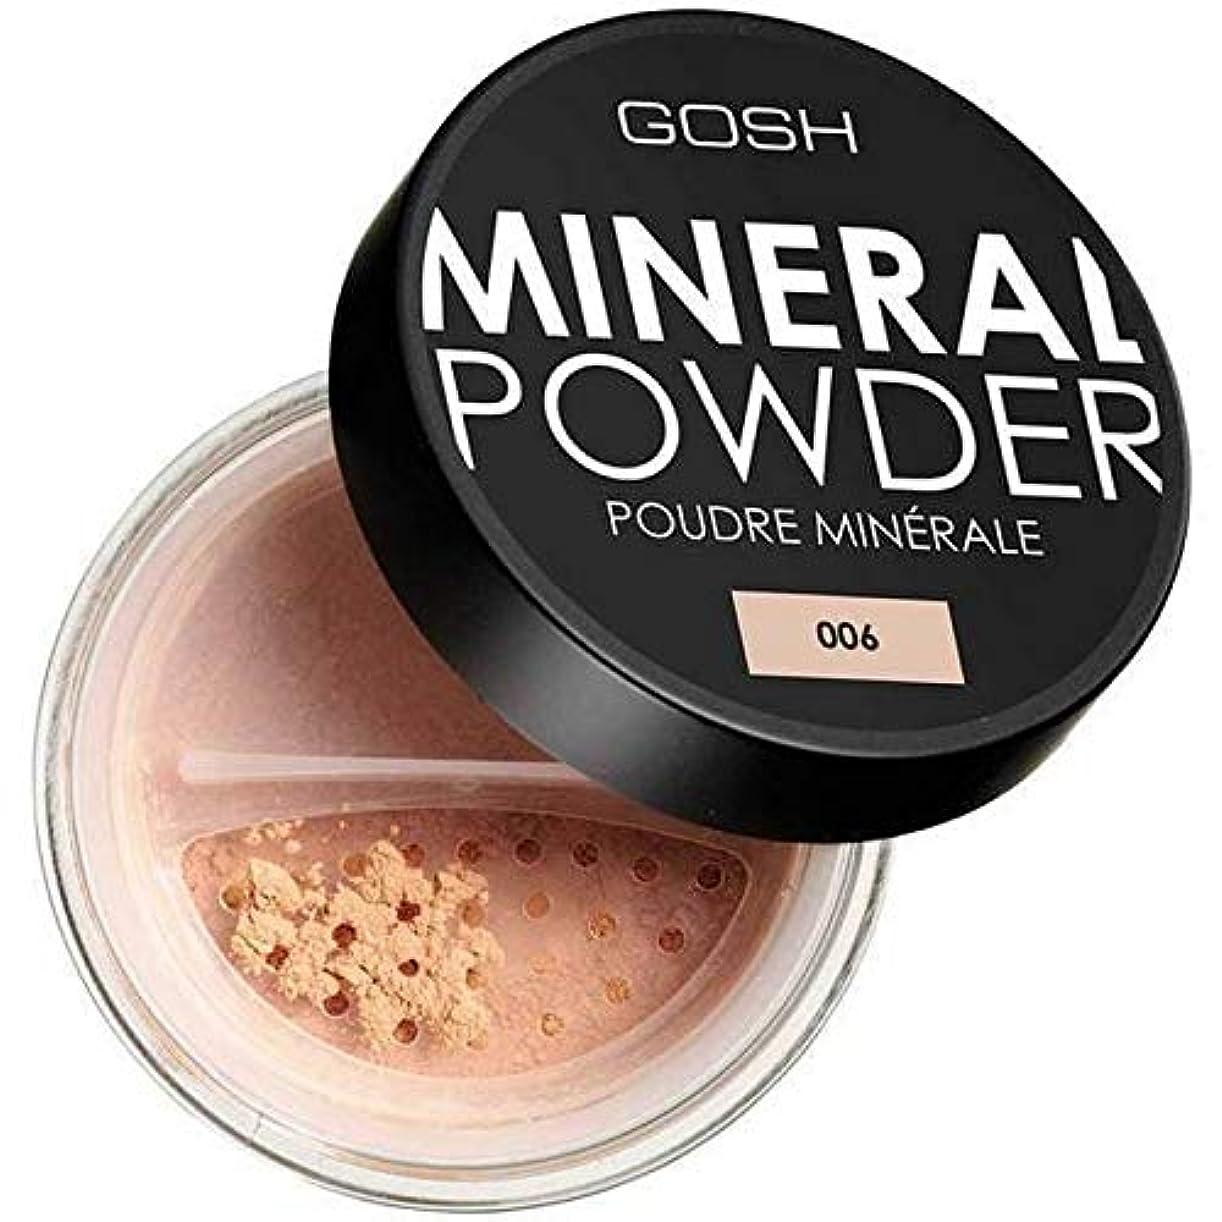 ゴールデン消費好ましい[GOSH ] おやっミネラルフルカバレッジ基礎粉末蜂蜜006 - GOSH Mineral Full Coverage Foundation Powder Honey 006 [並行輸入品]